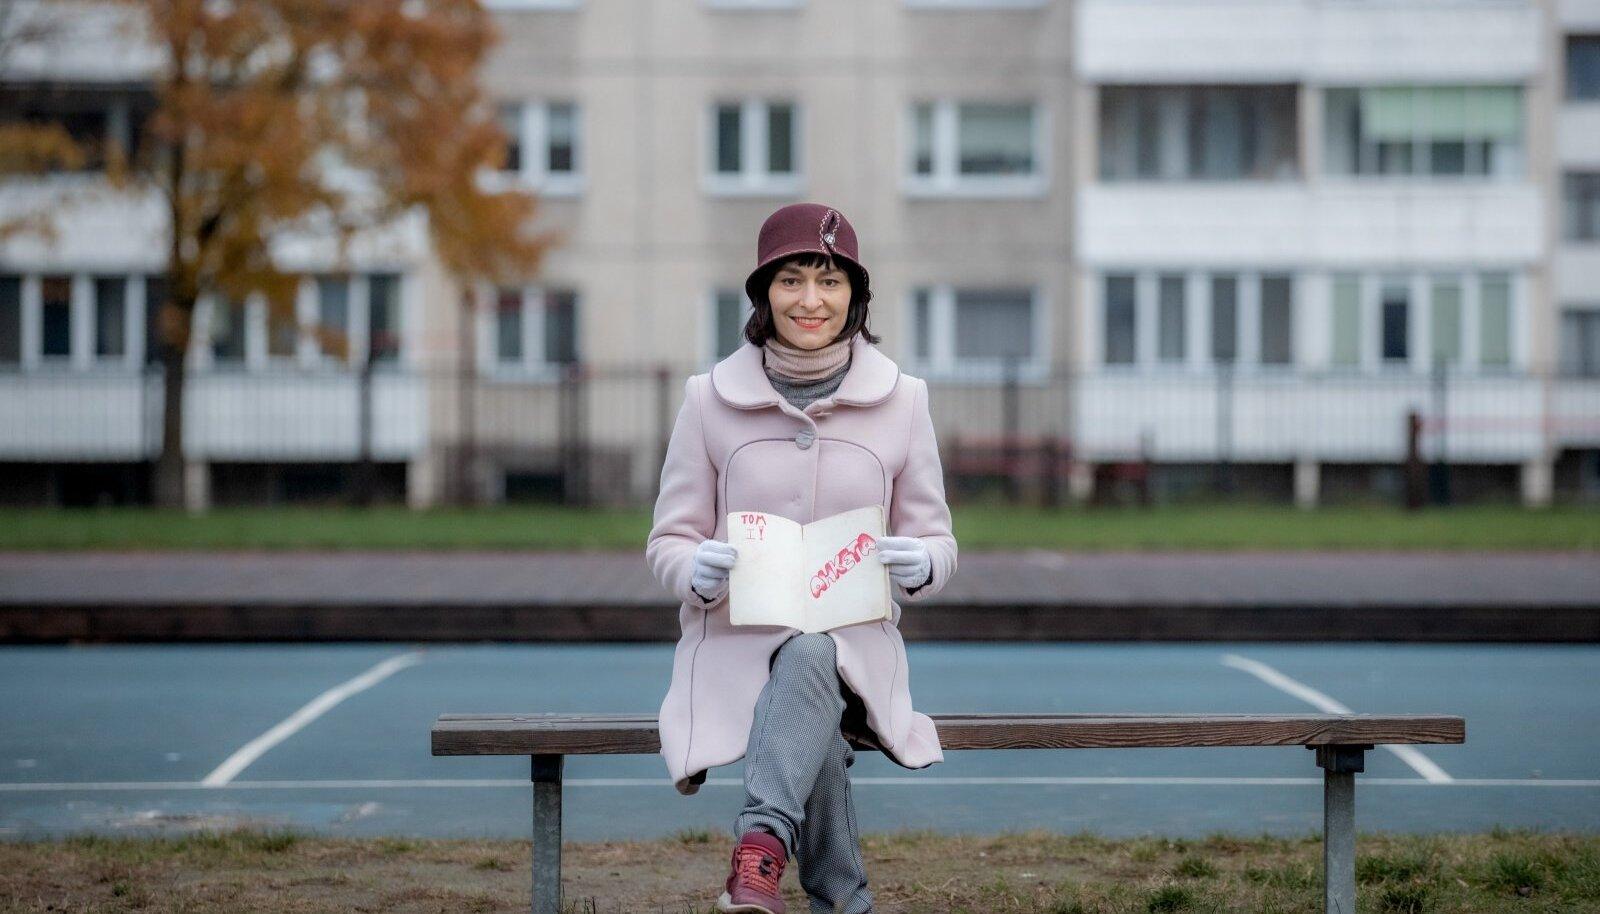 """""""Kooli ajal ei õppinud sugugi kõik klassikaaslased eesti keelt ära. See sõltus suuresti motivatsioonist. Mul oli alati suur uudishimu ümbritseva vastu ja minu Lasnamäe majas olid eestlased, kellega ma tahtsin suhelda,"""" meenutab Aljona Suržikova."""